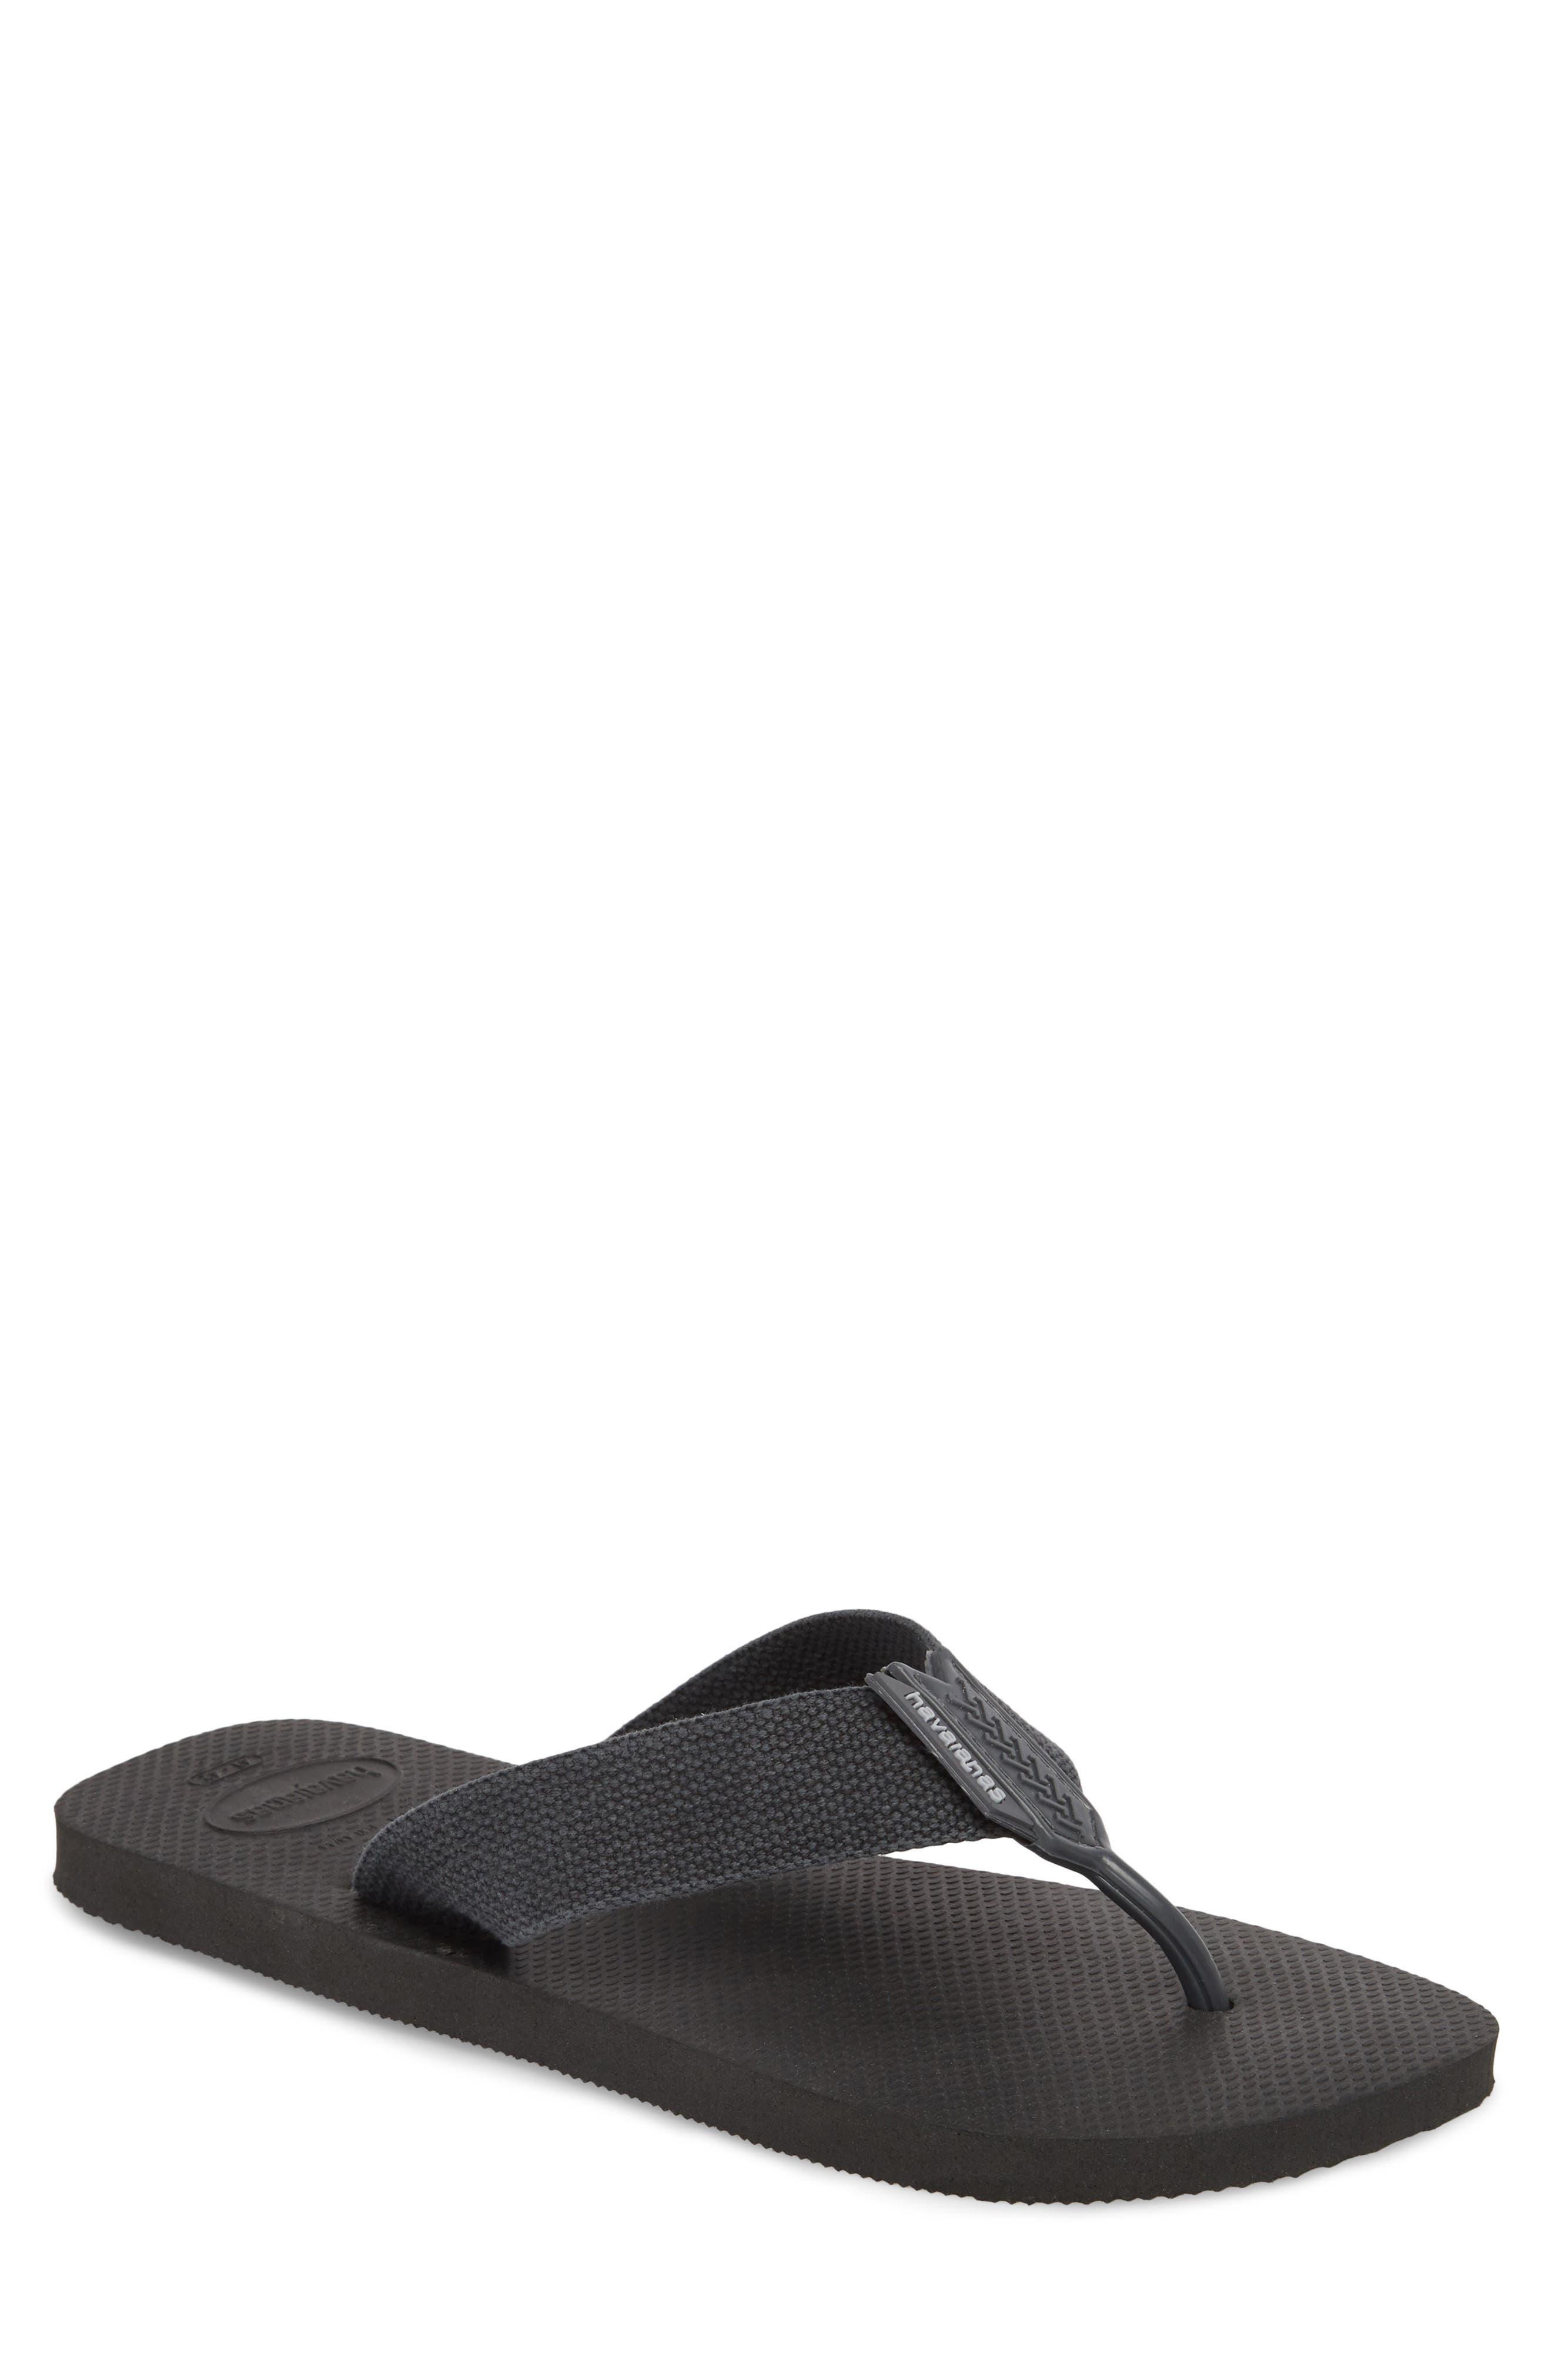 Havianas 'Urban Basic' Flip Flop,                         Main,                         color, Black/ Grey